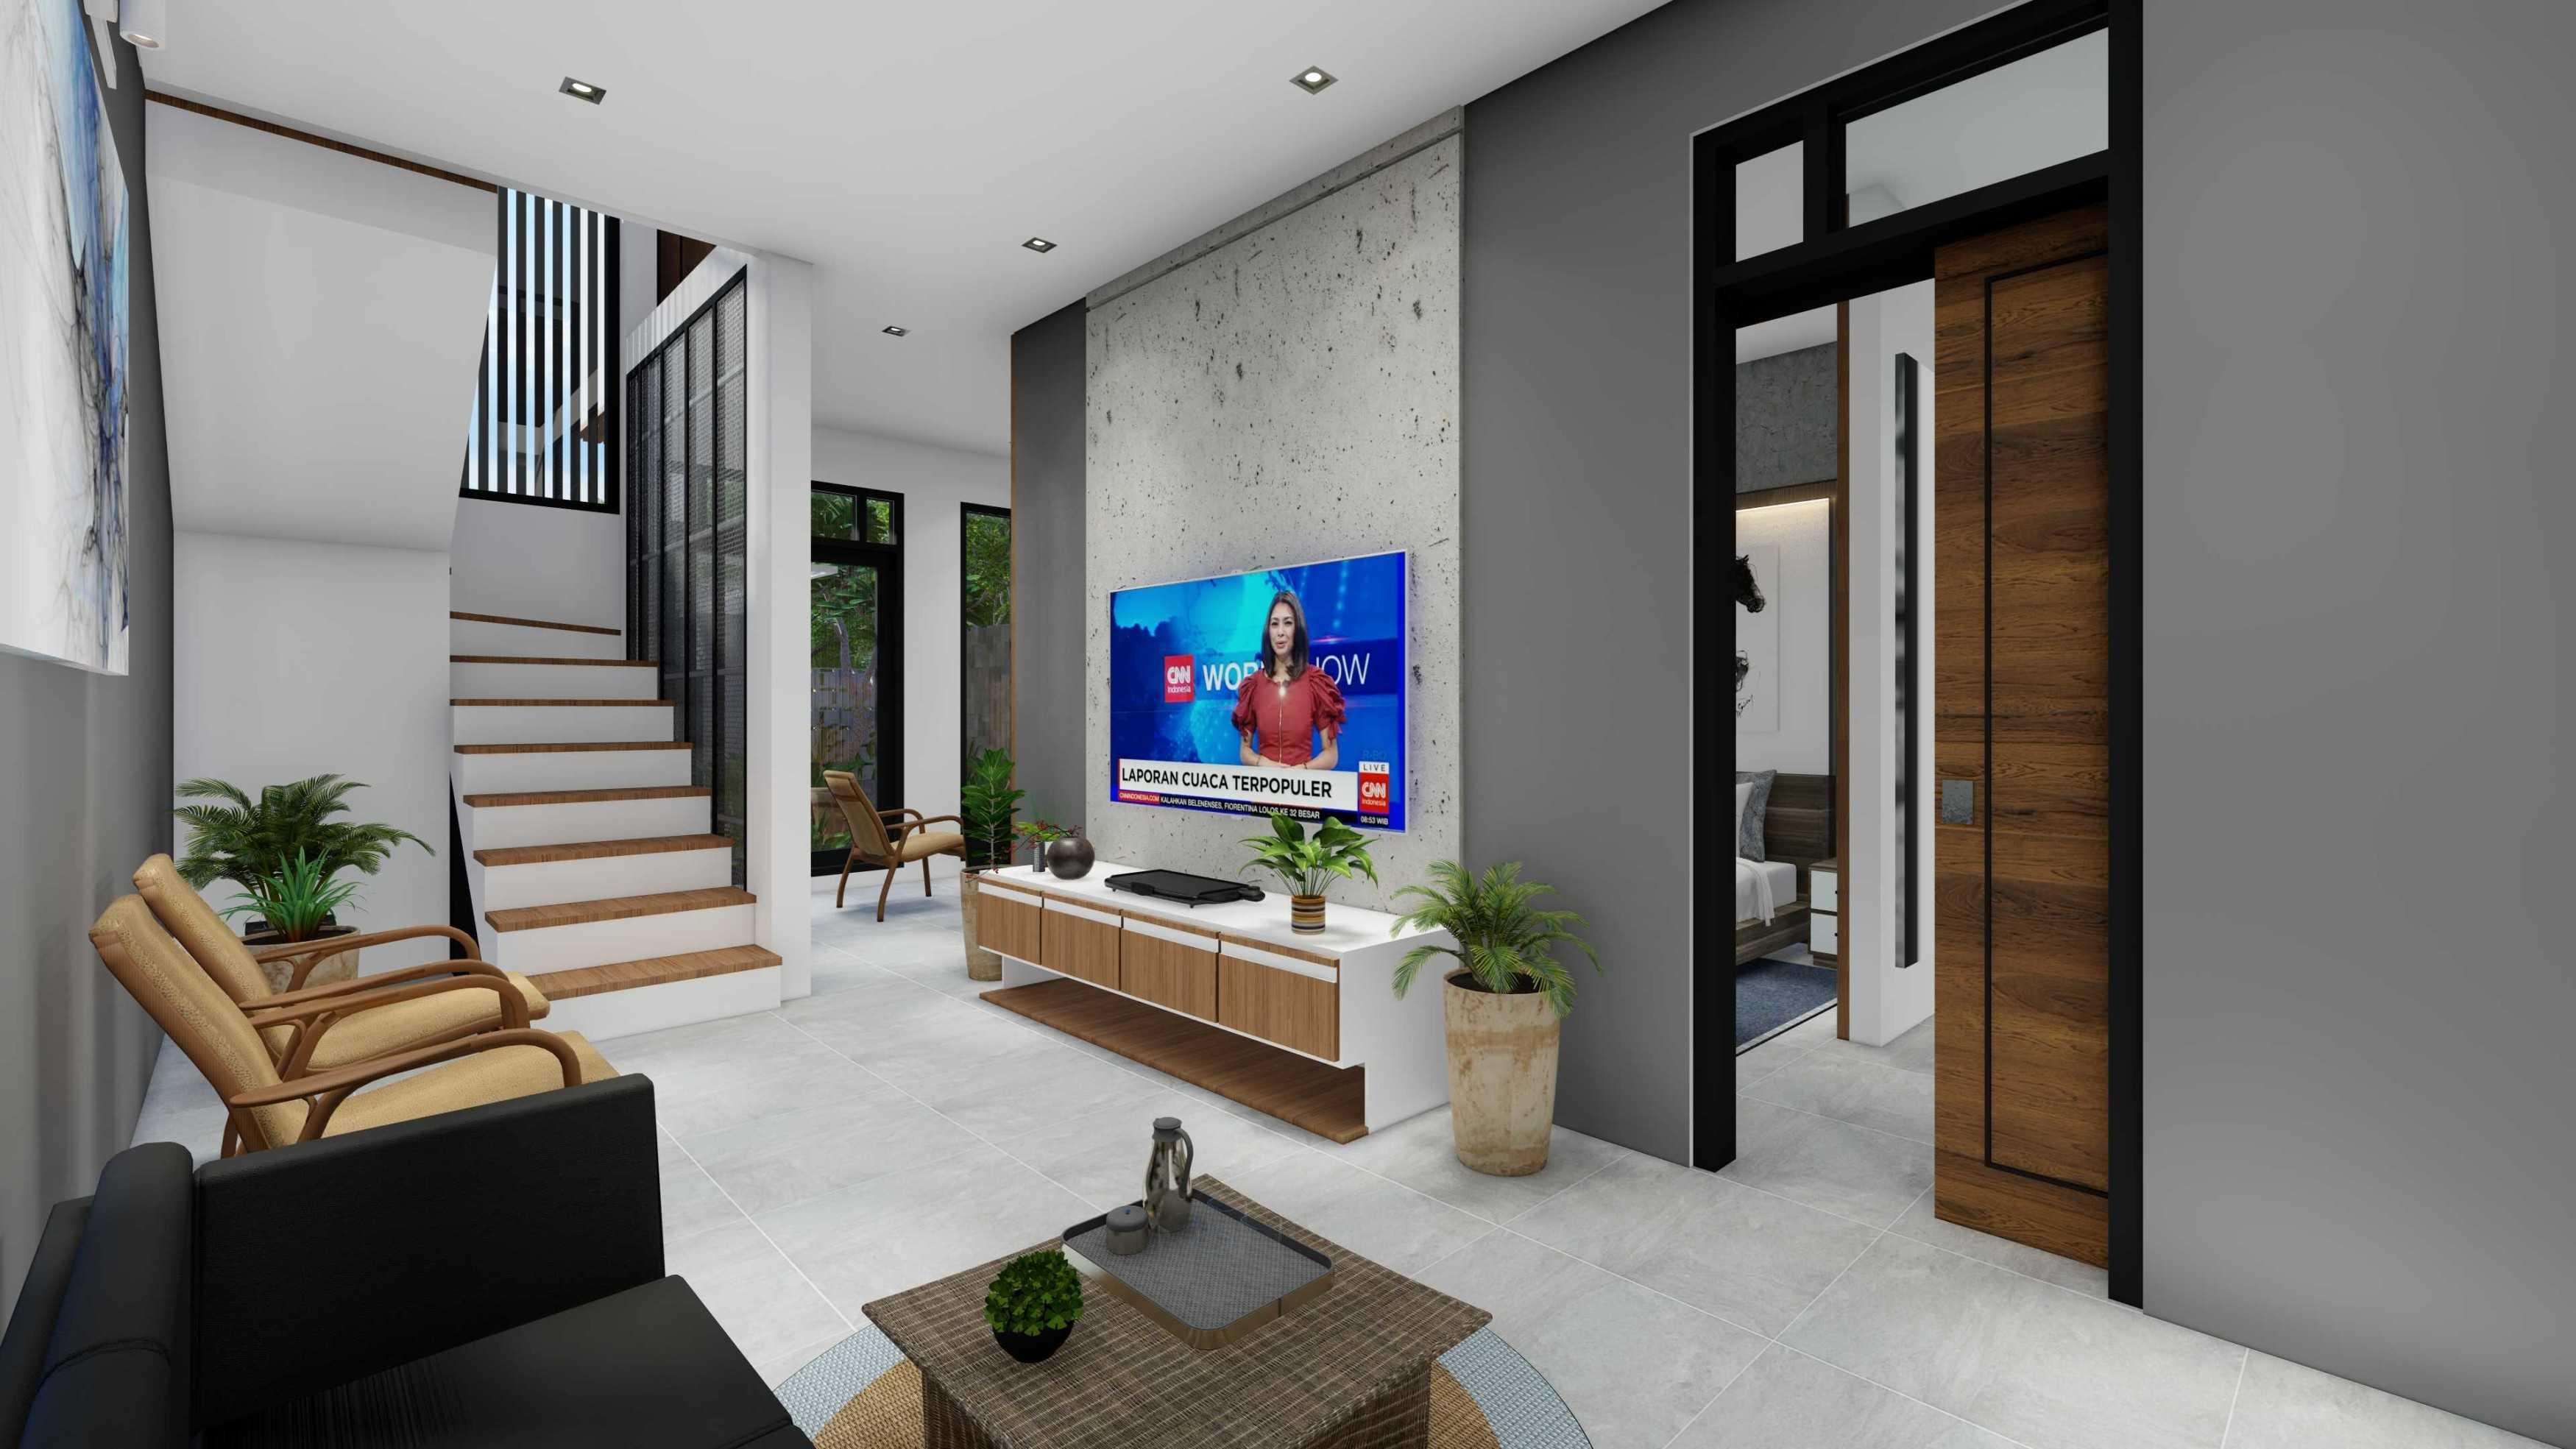 I Gede Yogiantara D. A Rumah Tinggal Pak Yusuf Kota Denpasar, Bali, Indonesia Kota Denpasar, Bali, Indonesia I-Gede-Yogiantara-D-A-Rumah-Tinggal-Pak-Yusuf   109960